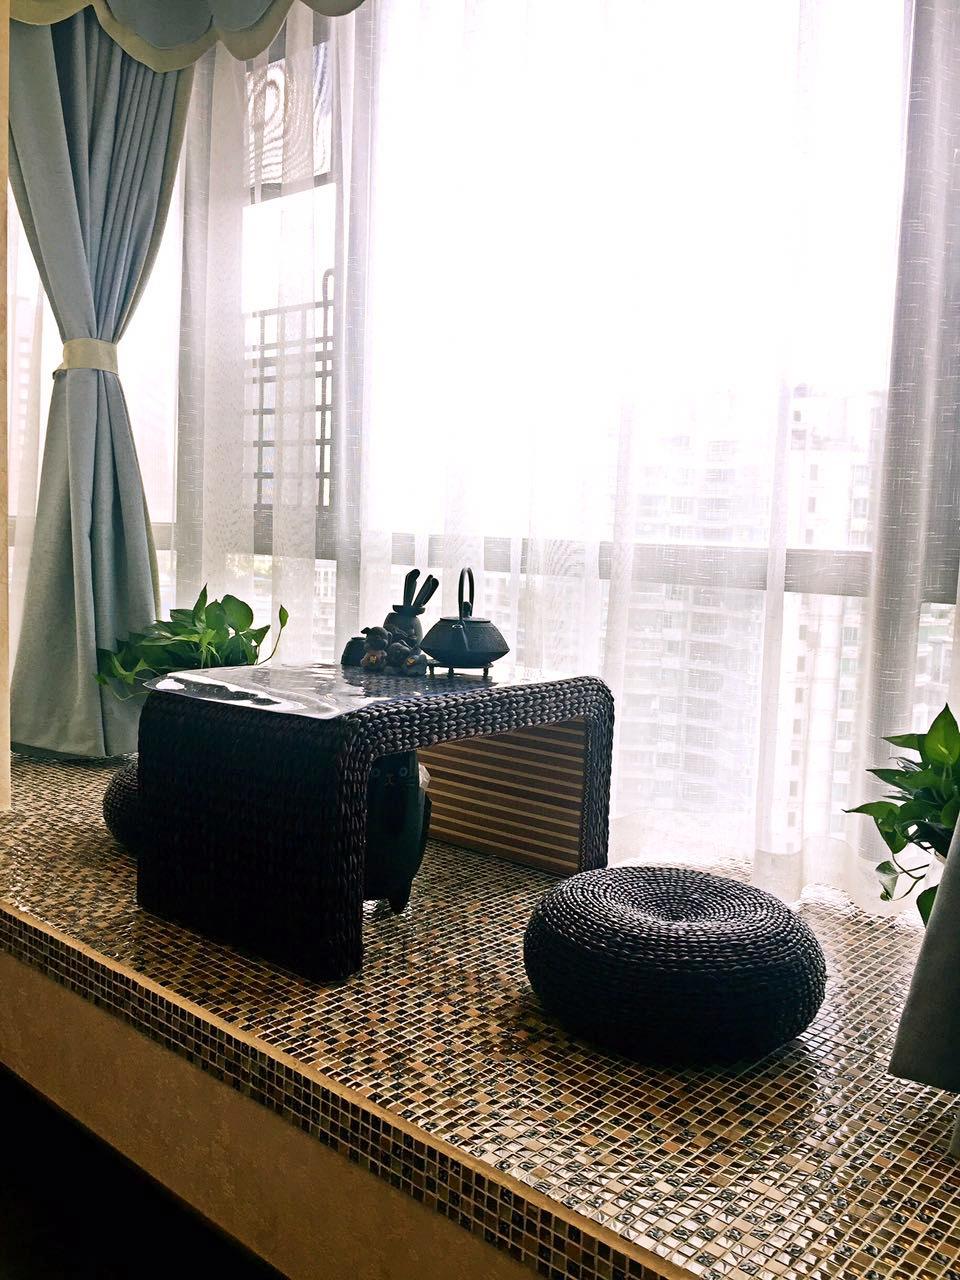 主卧的大飘窗改成一个小茶室,铺贴的马赛克很有异域风情,用淡蓝色与白纱做窗帘让颜色柔和了许多。